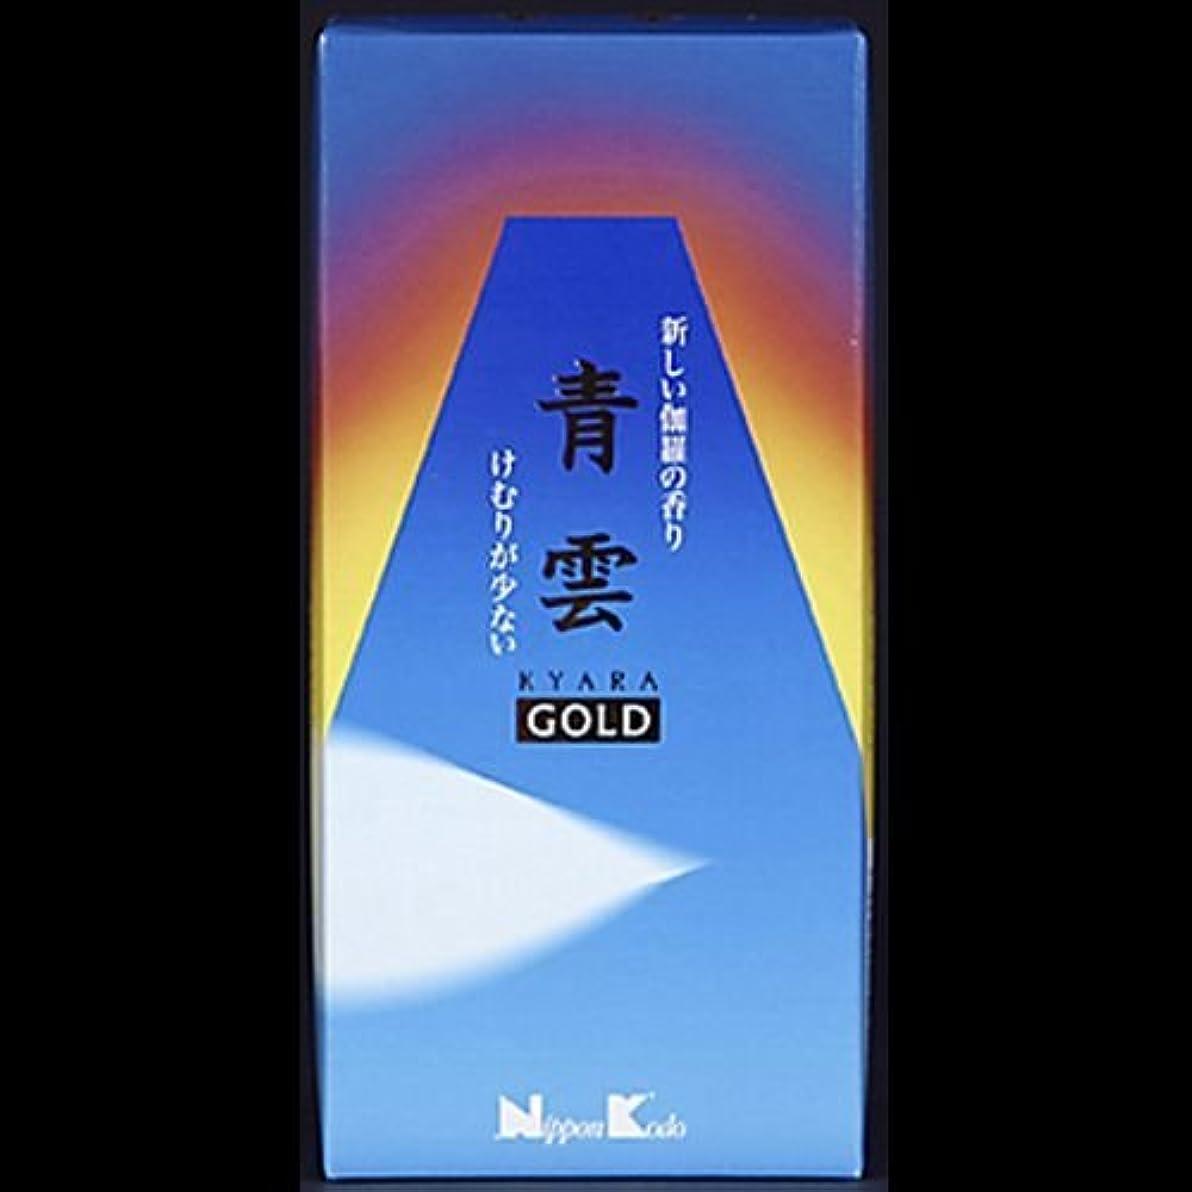 暗記する損失知覚的【まとめ買い】青雲ゴールドバラ詰め ×2セット